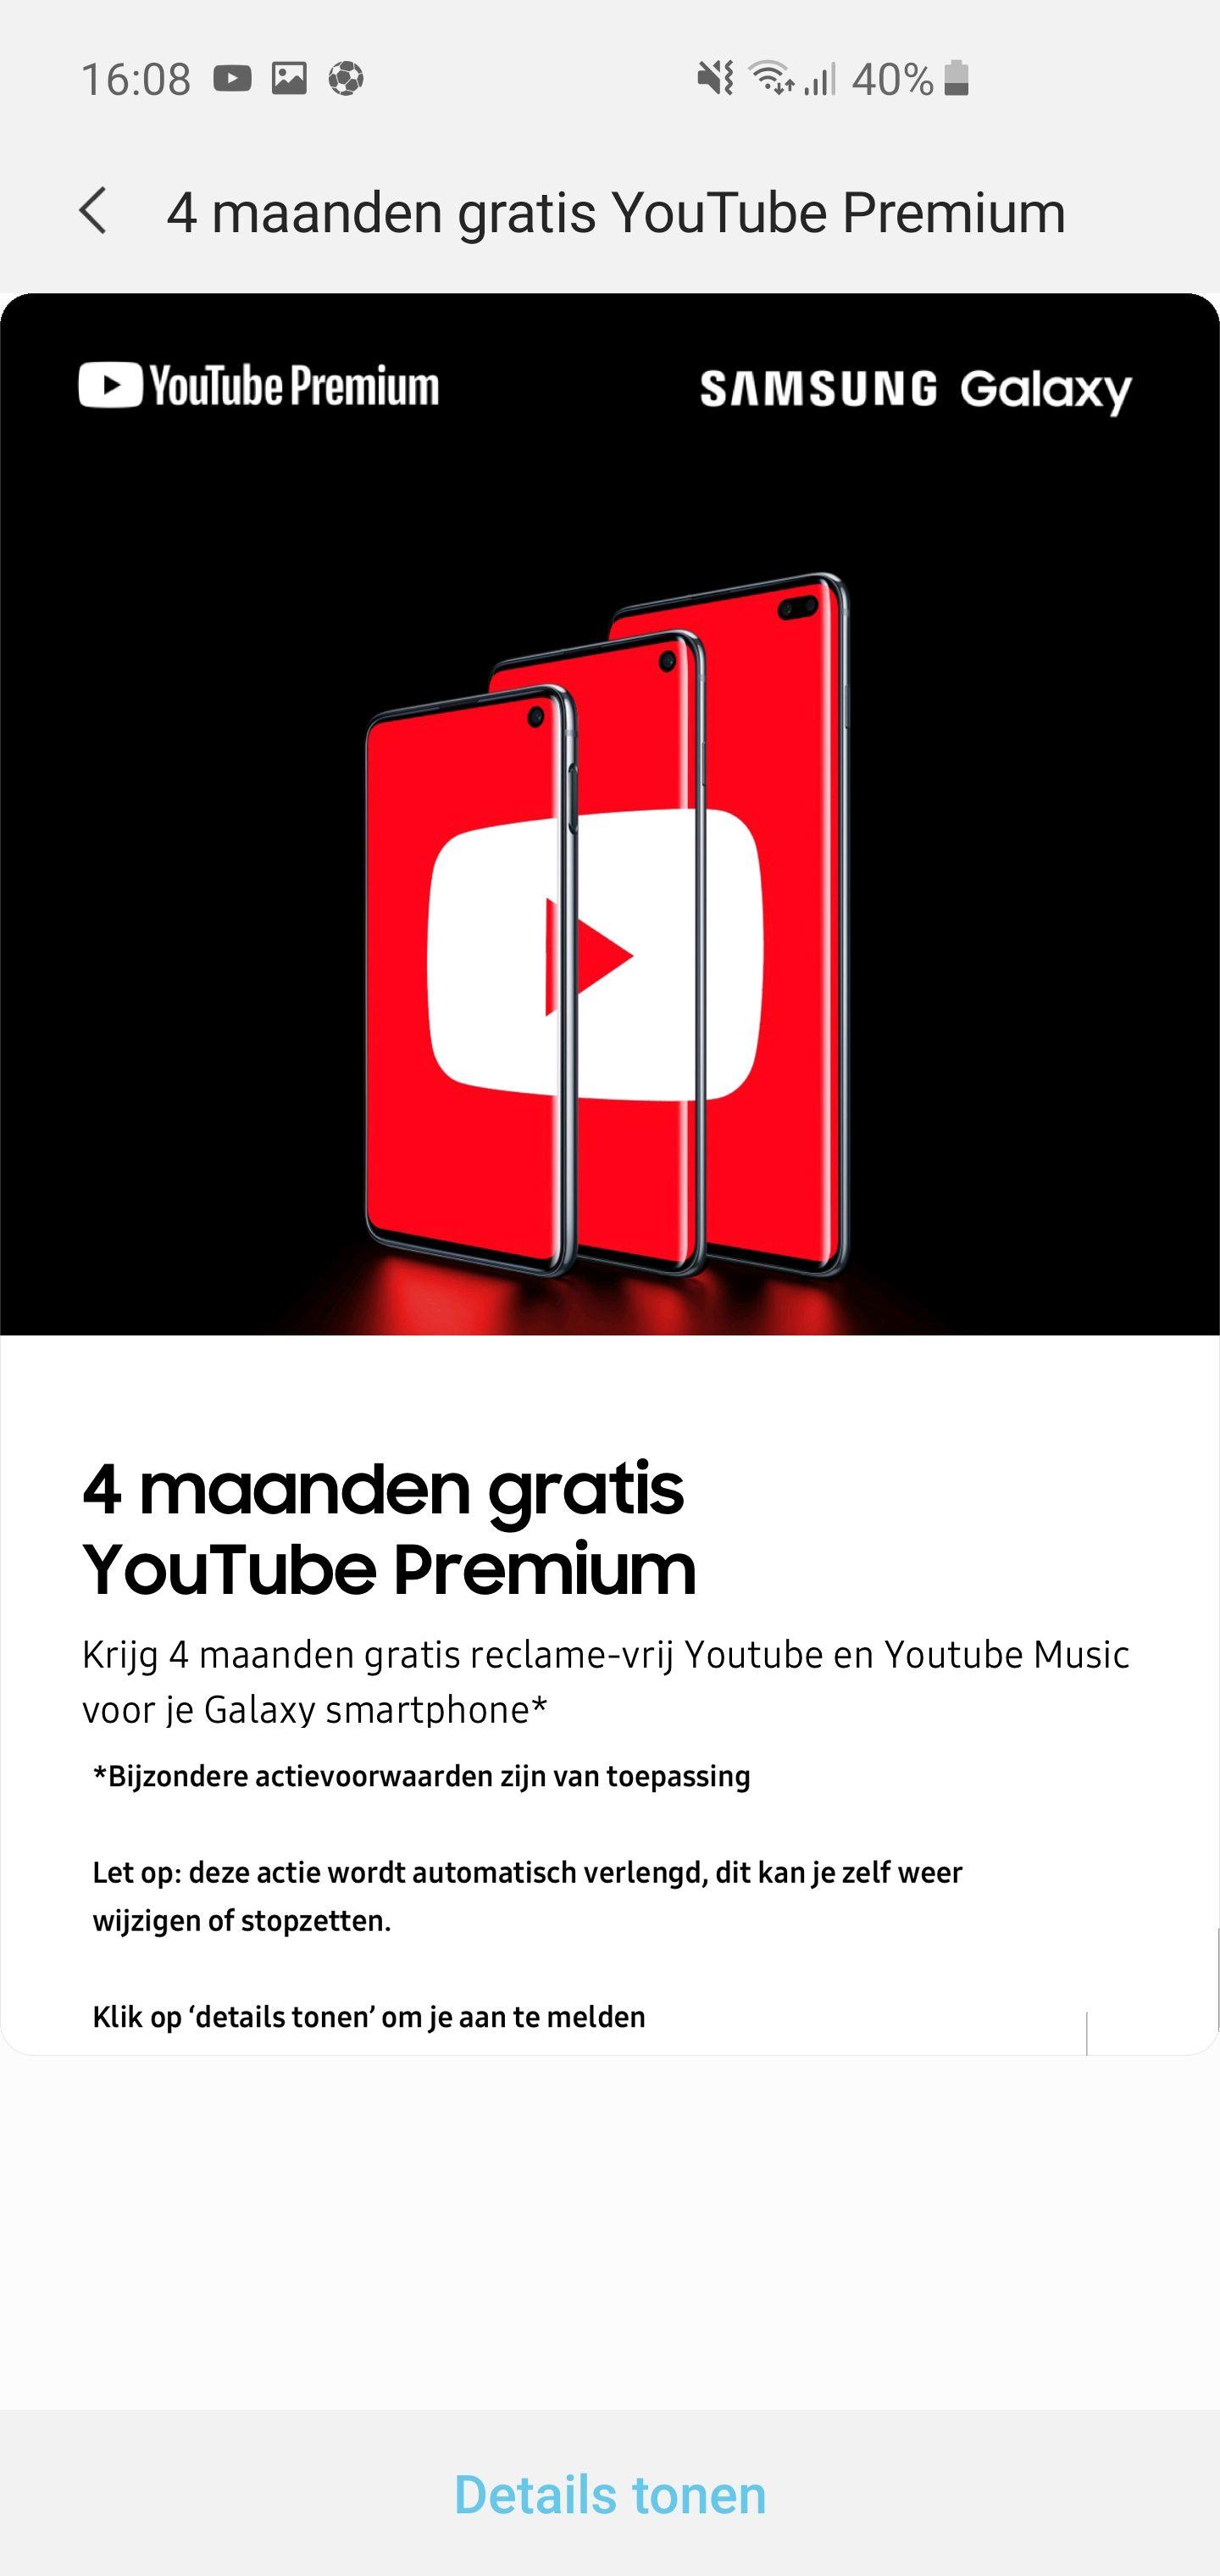 4 maanden GRATIS YouTube Premium (met S10) @ Samsung Members App.